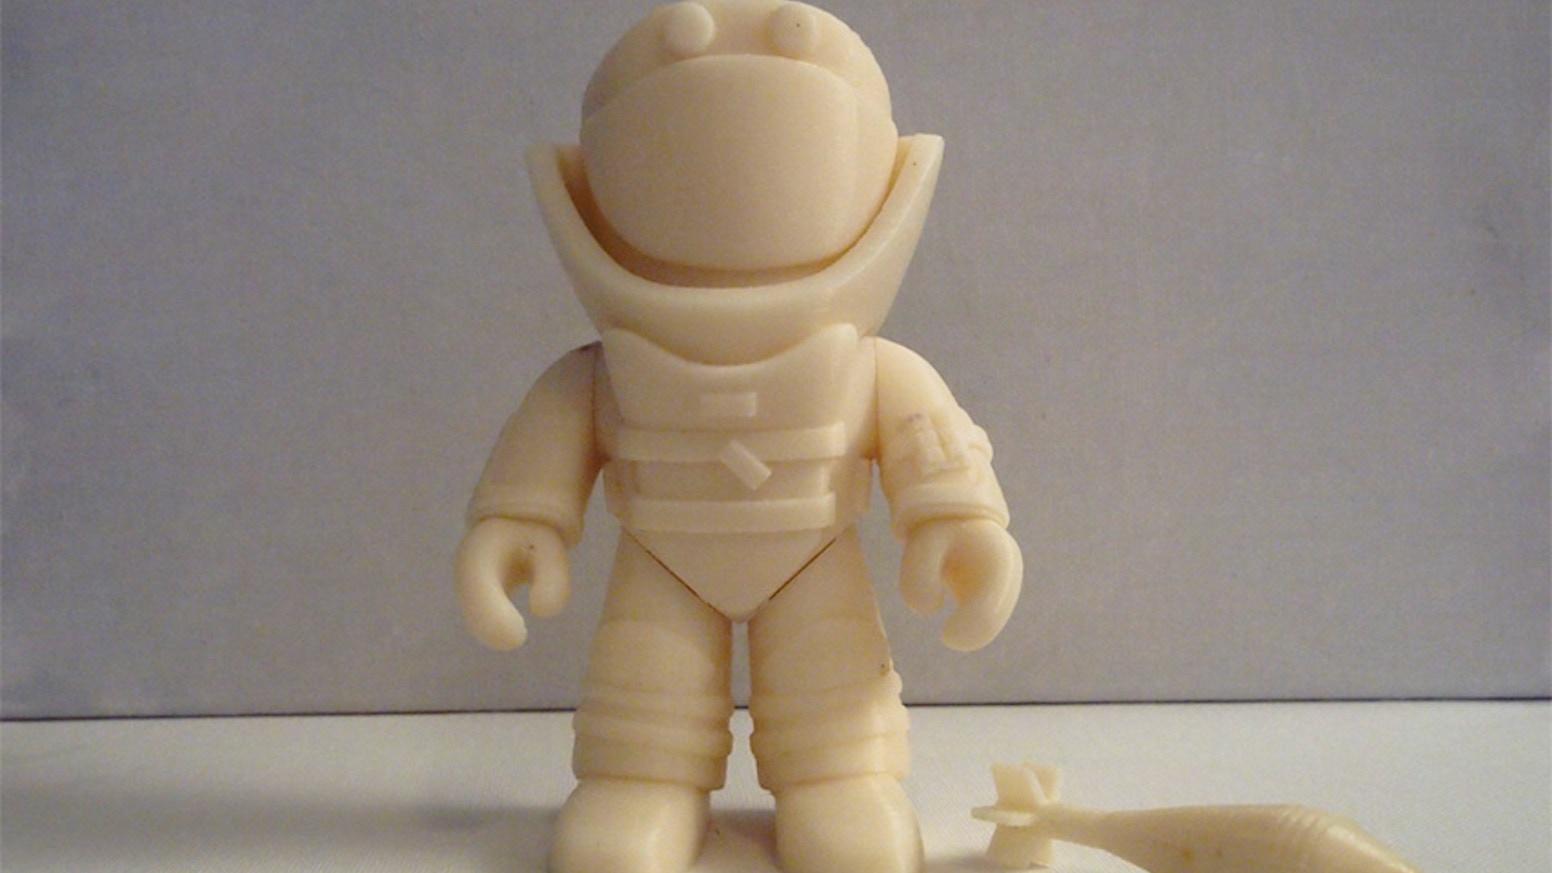 3d Printed Bomb Suit Figure Eod By Benjamin Summerfield Kickstarter